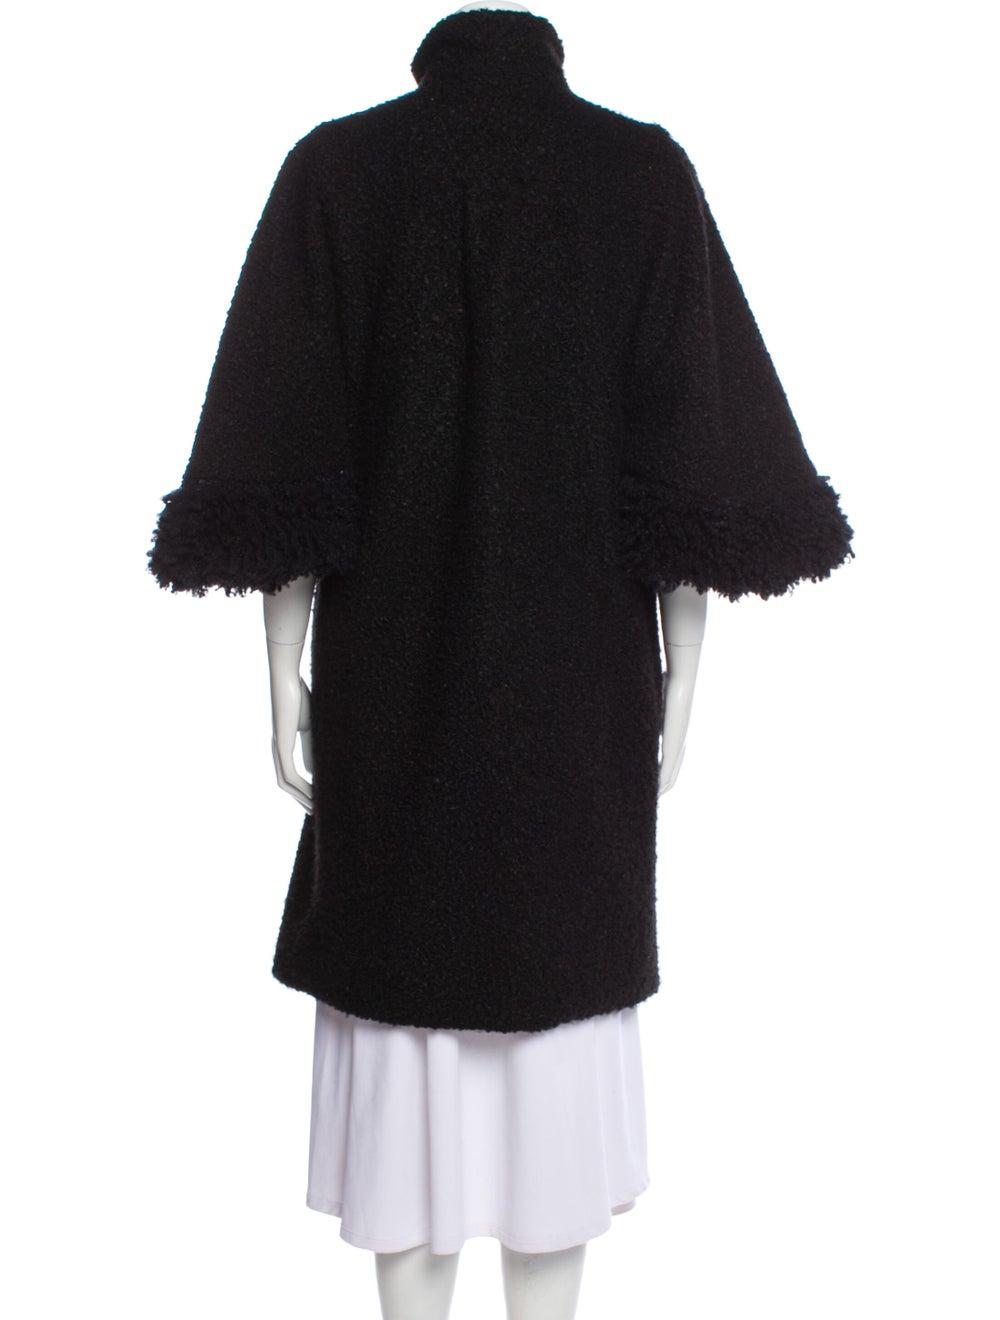 Anna Sui Coat Black - image 3